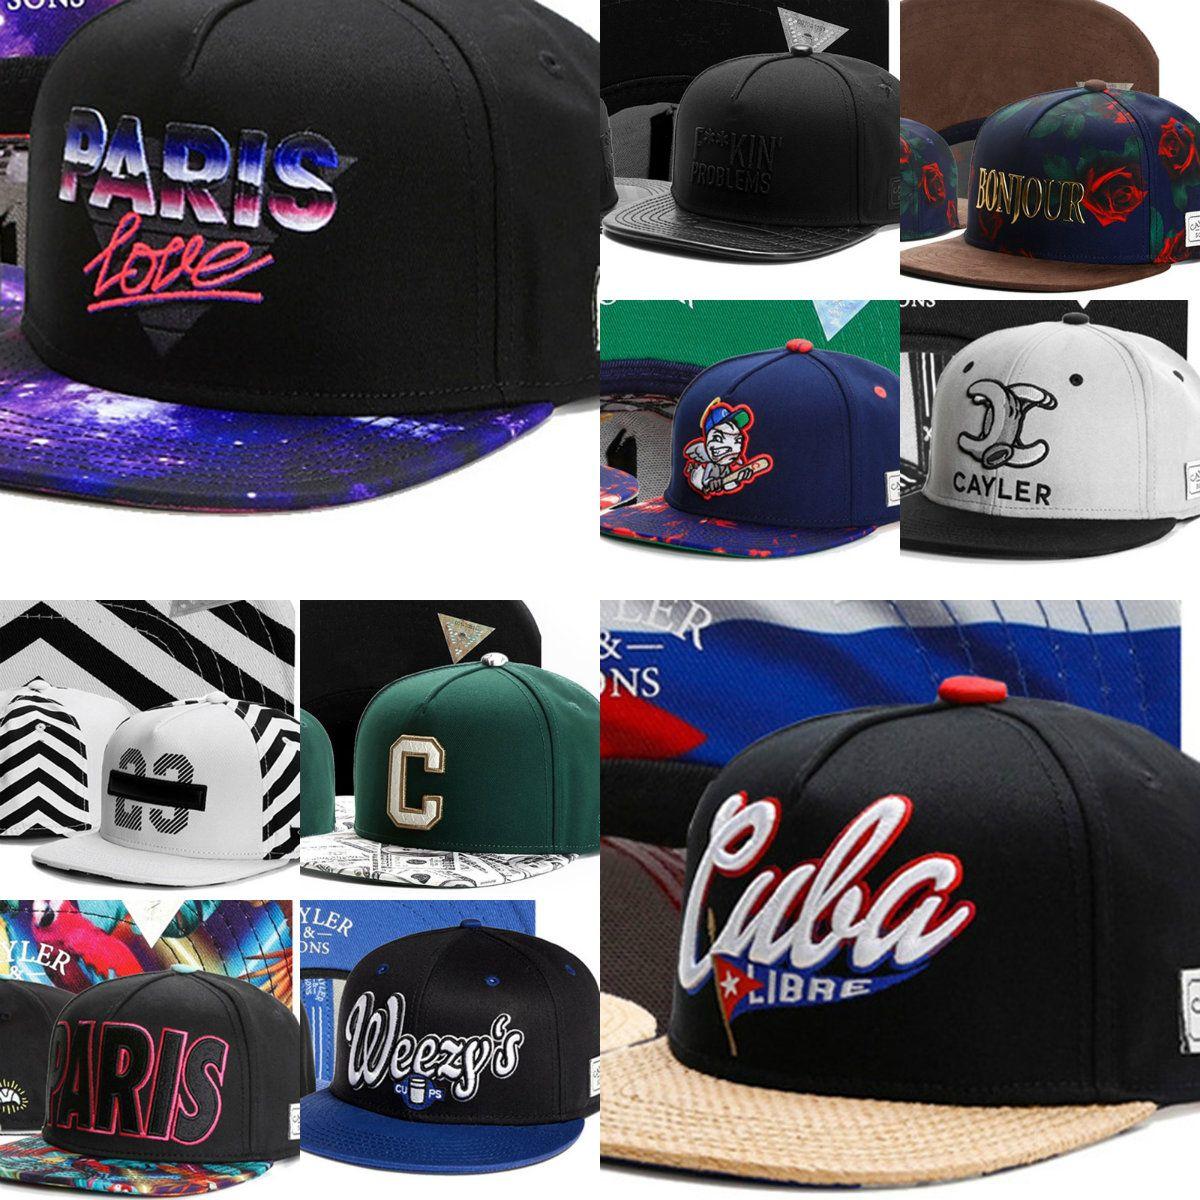 2018 New Brand Designer Hat Fitted Baseball Caps Blue Mens Women Luxury  Snapback Hats For Men Snapbacks Hip Hop Basketball Cap Cappelli Mens Hats  Baseball ... e5dbe486f8dc